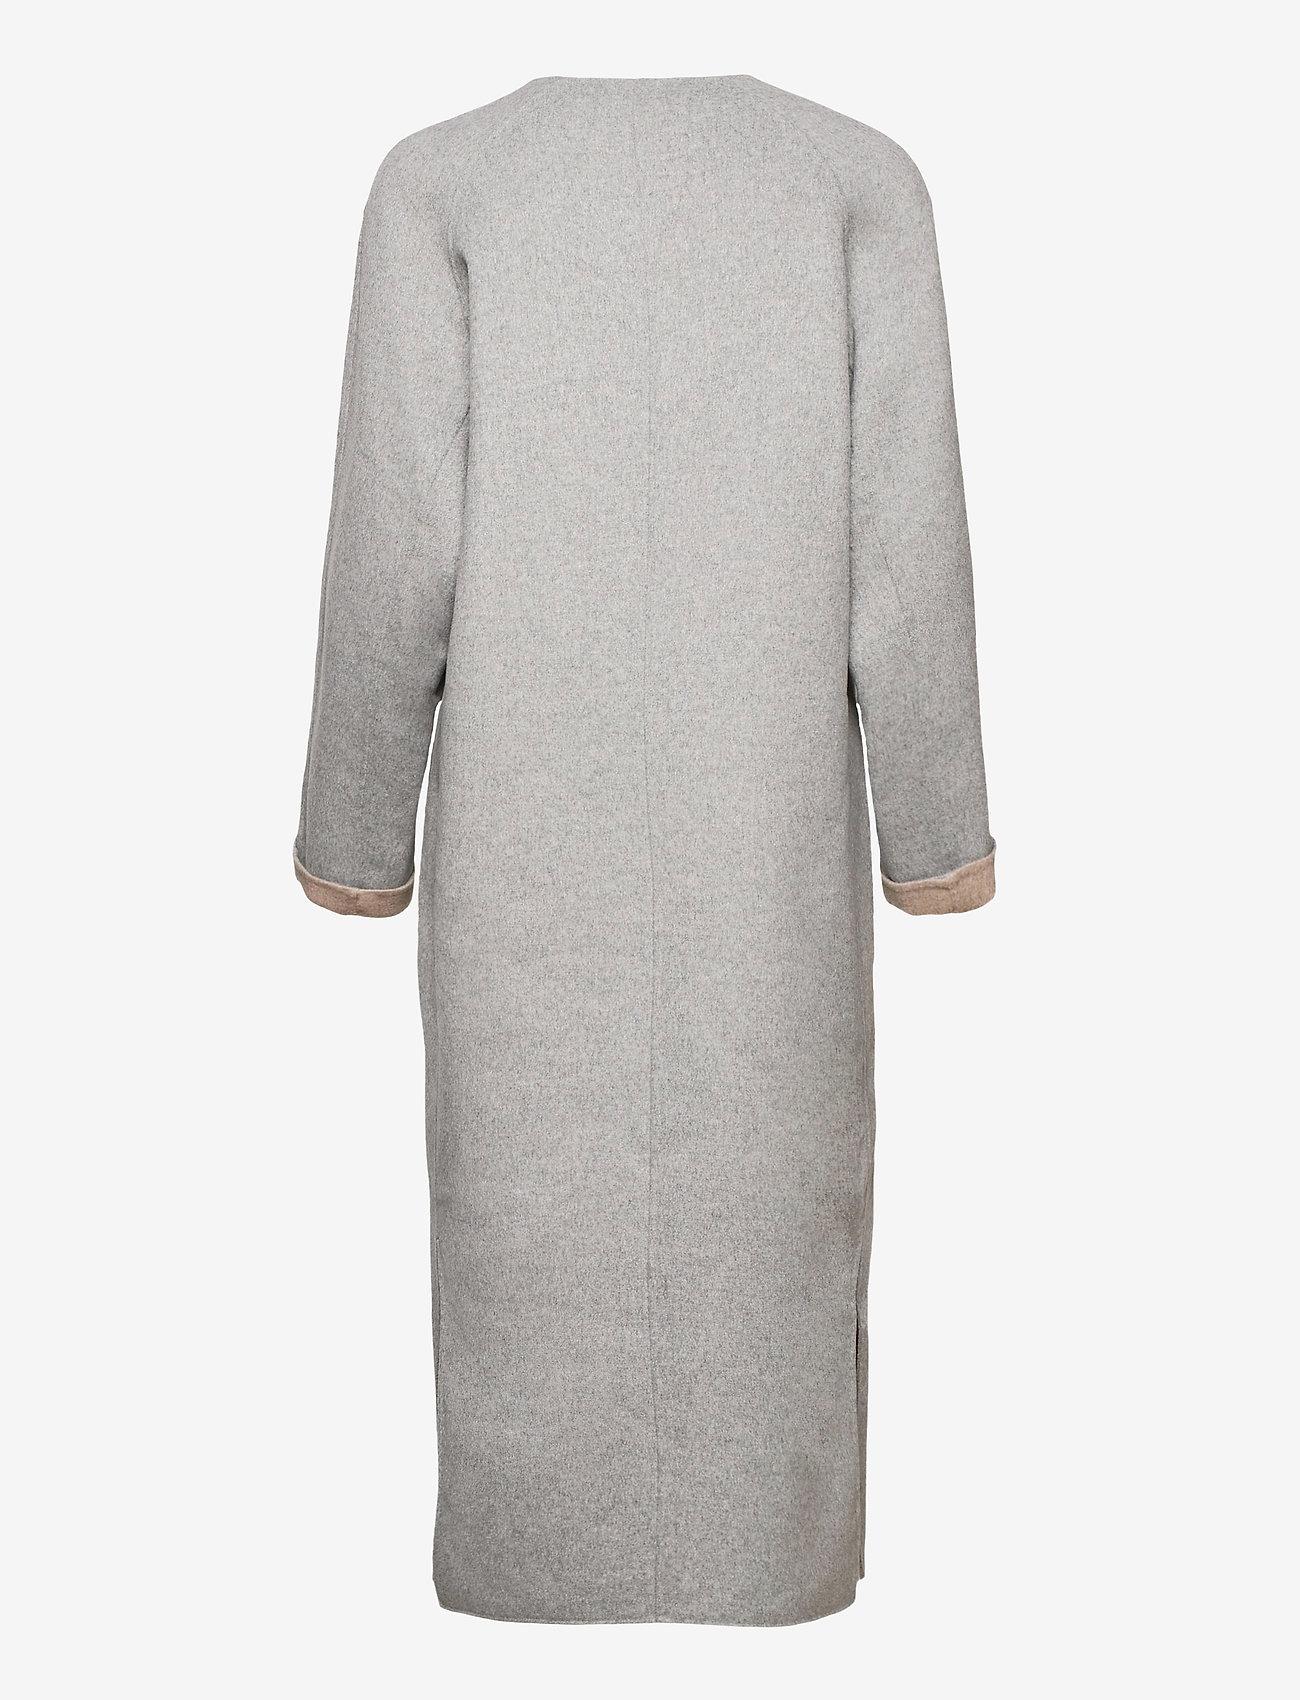 Fall Winter Spring Summer - Wabi Coat - ullkappor - light gray melange - 1